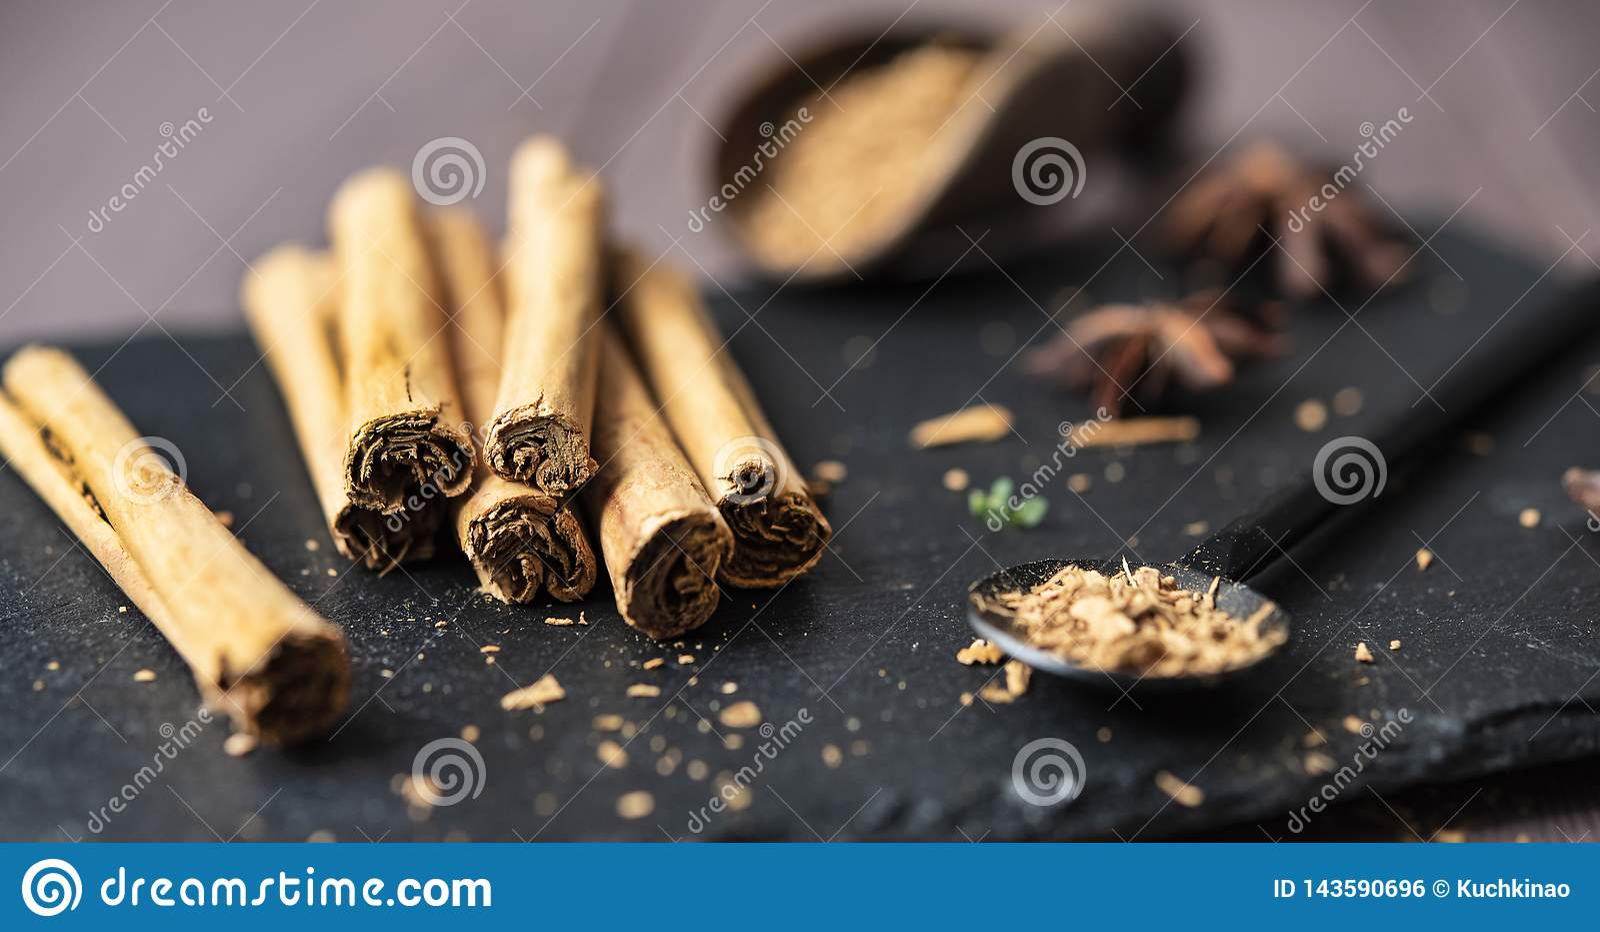 Kanelbrun stisk och pulver på för tabellanis för trä det lantliga tätt upp kryddigt för bruna stjärnor